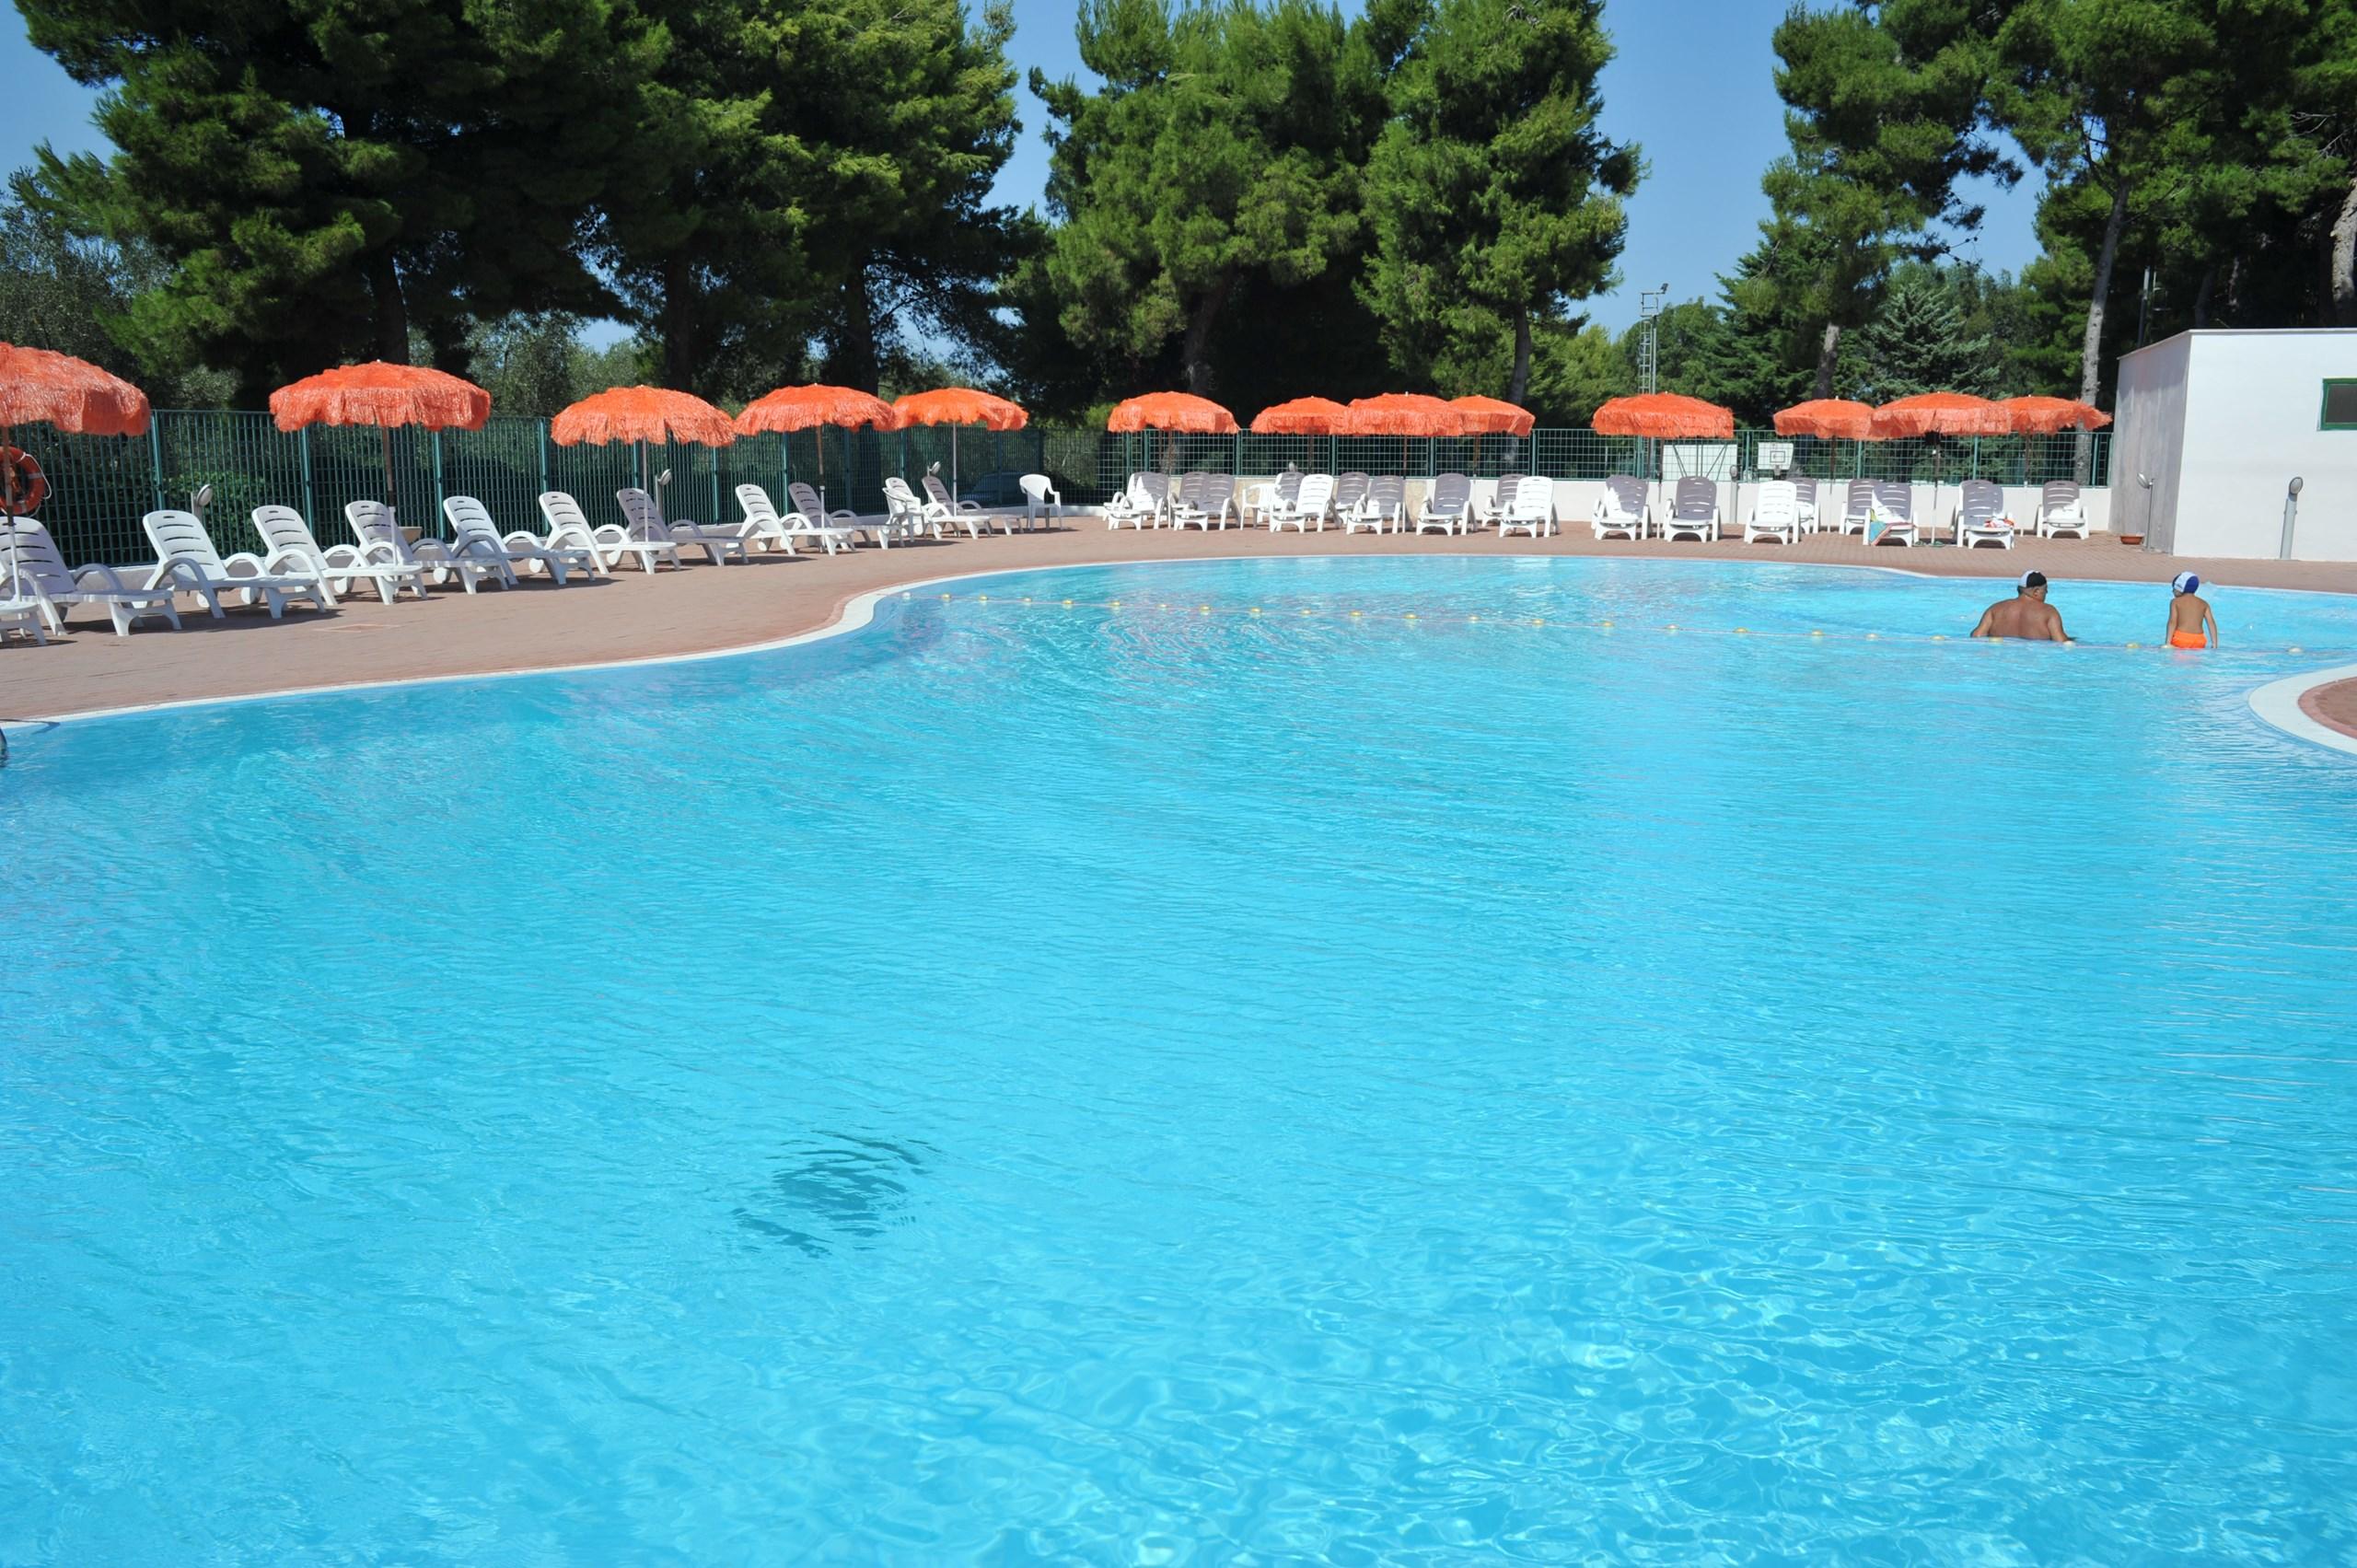 Villaggi vacanze con piscine sul gargano vieste famiglia - Villaggi con piscine e scivoli ...